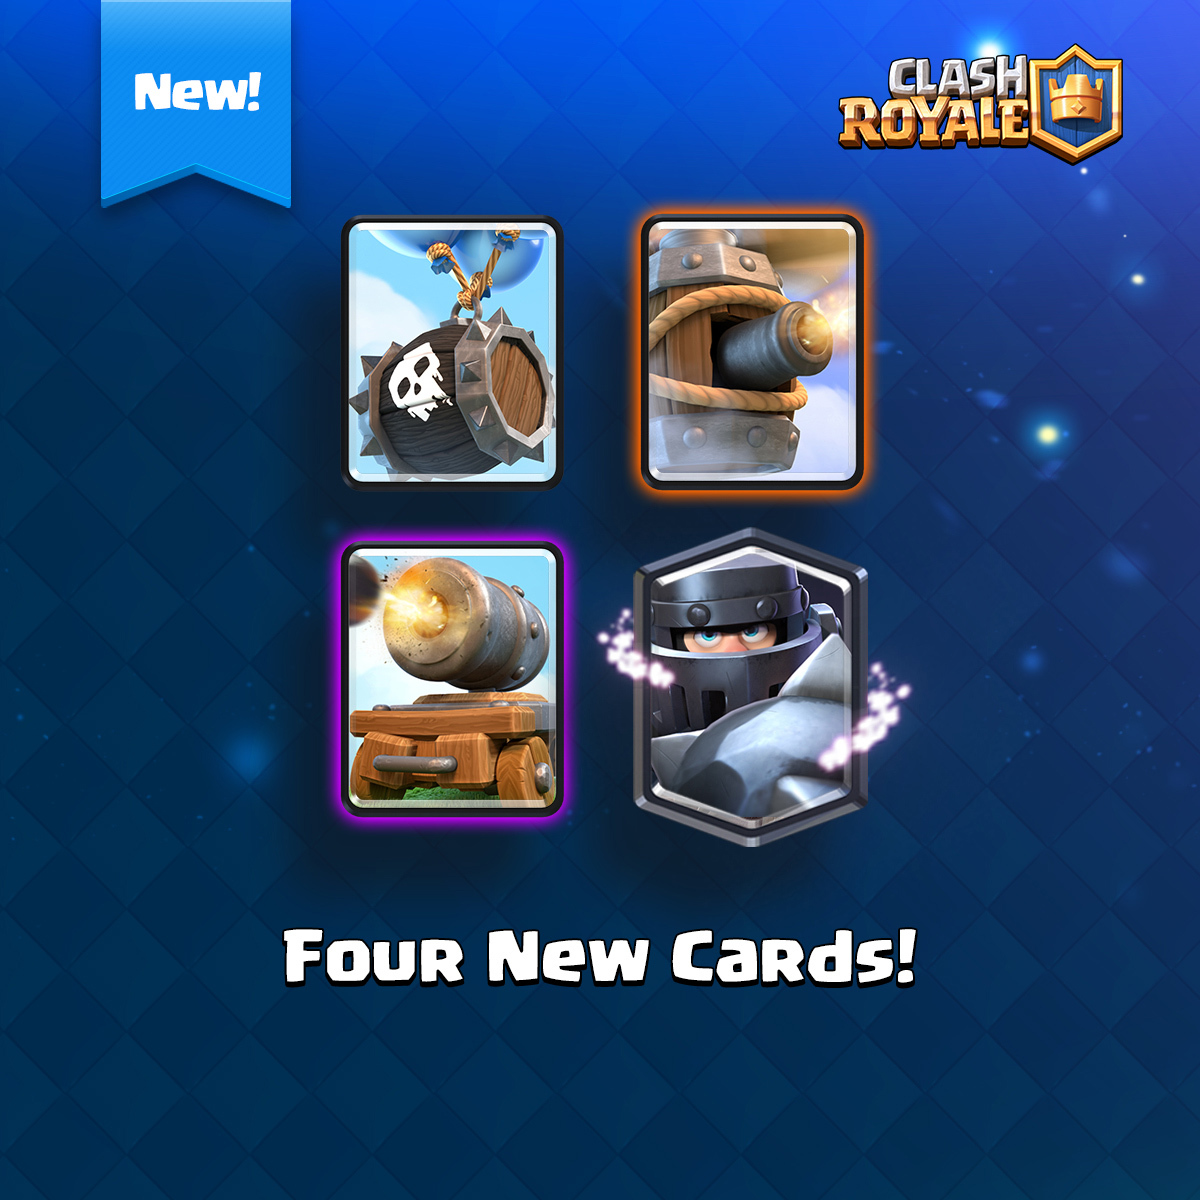 clash royale, nouvelles cartes, légendaire, mega chevalier, canon, fût à squelettes, machine volante